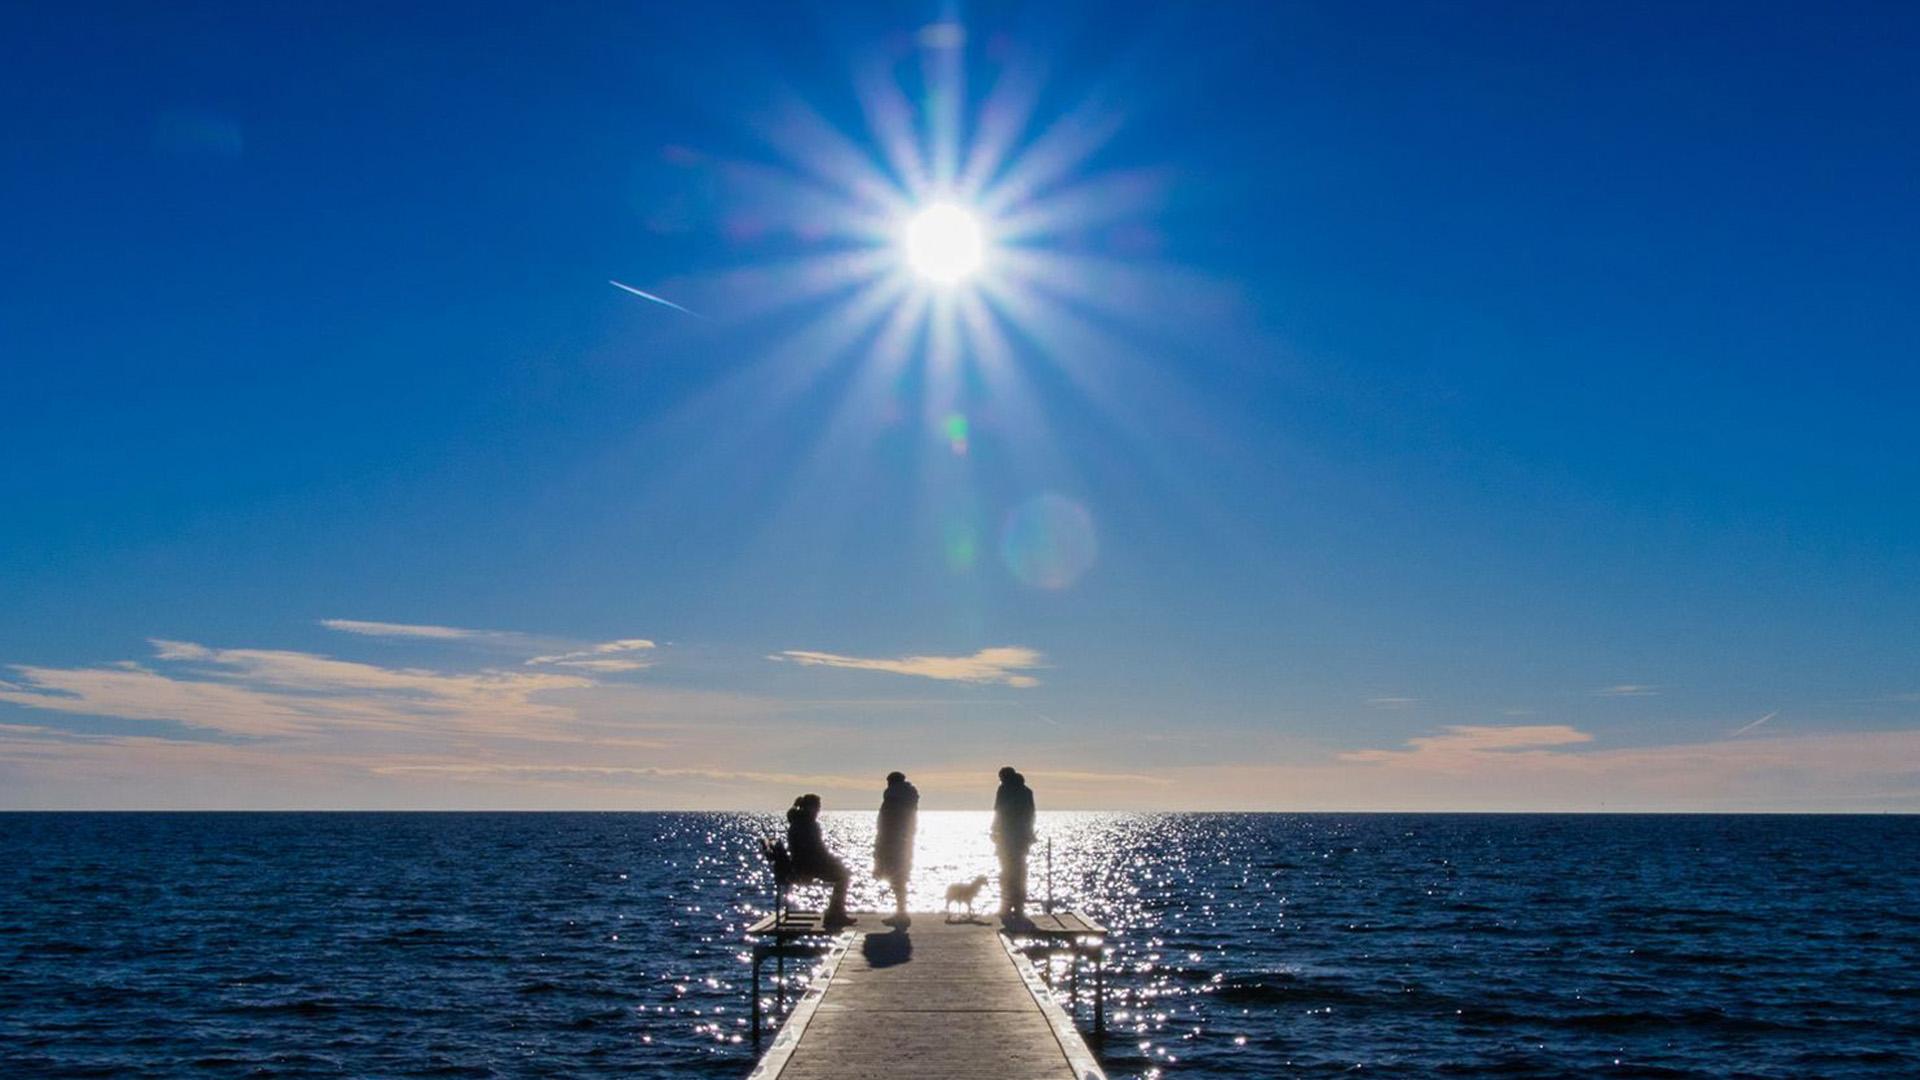 Sol på stranden